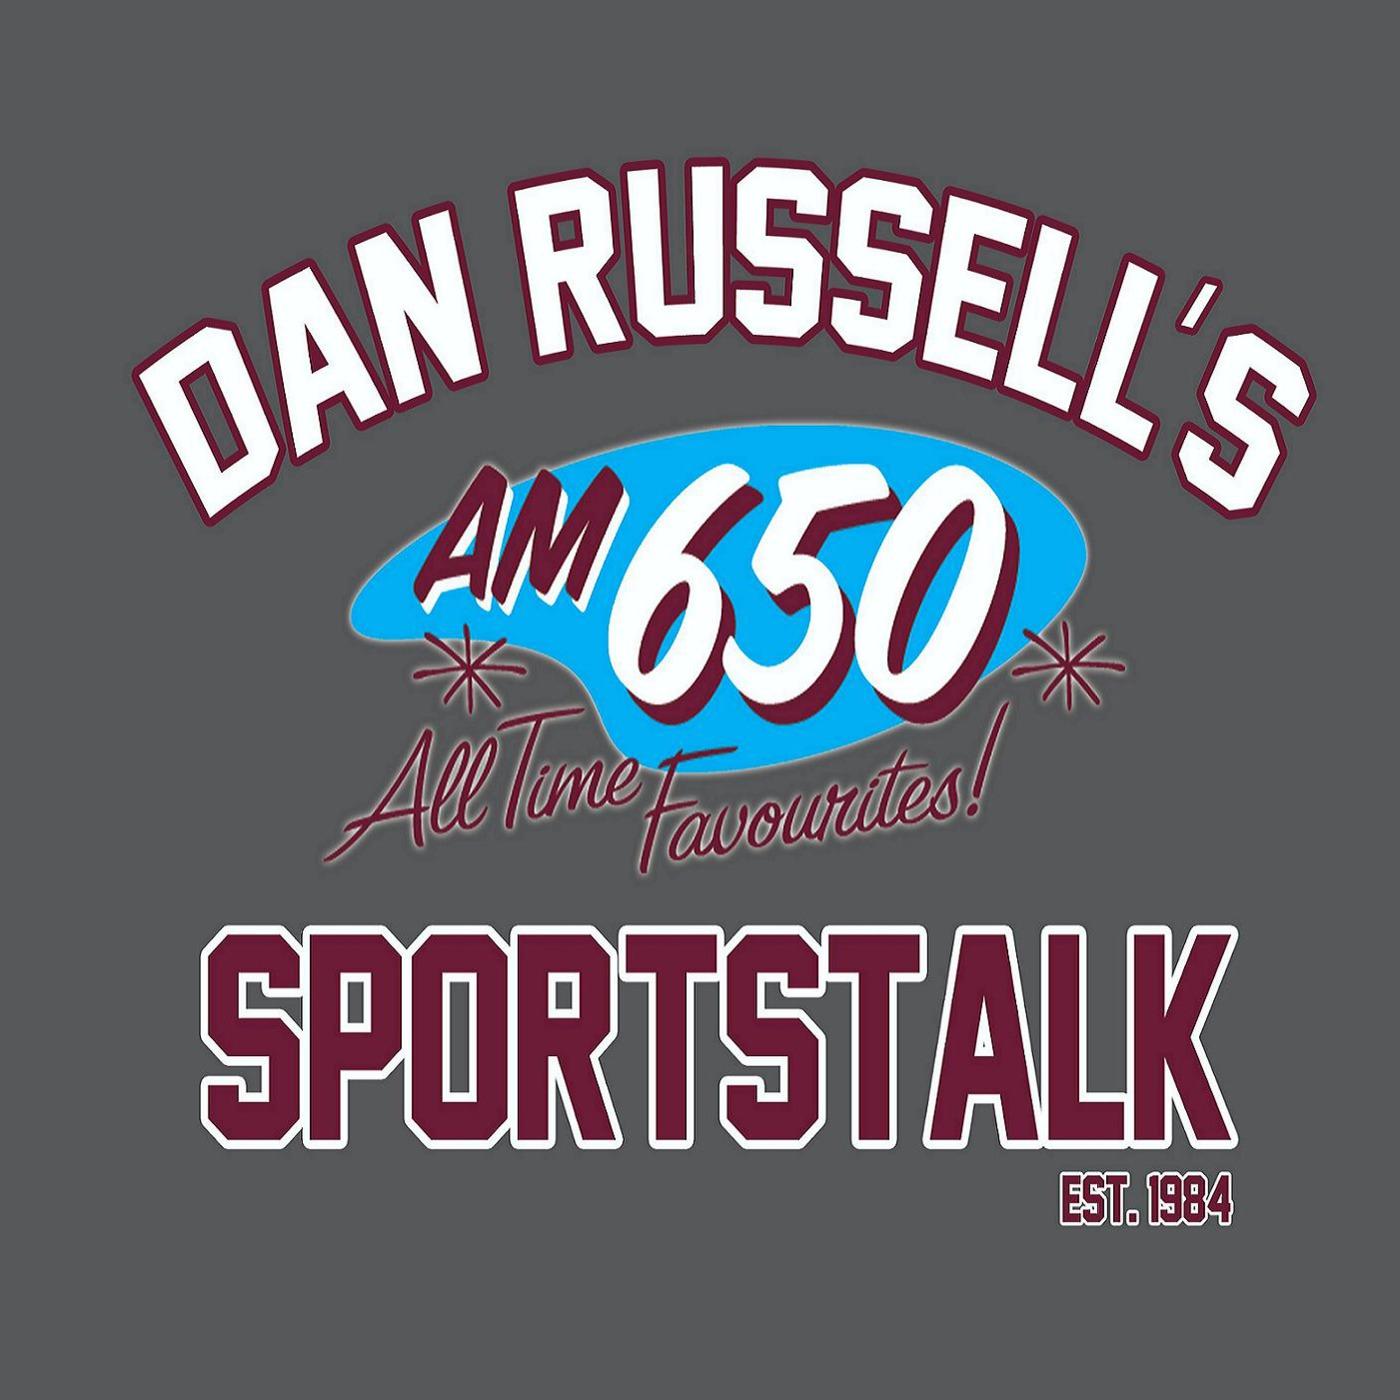 Dan Russell SportsTalk